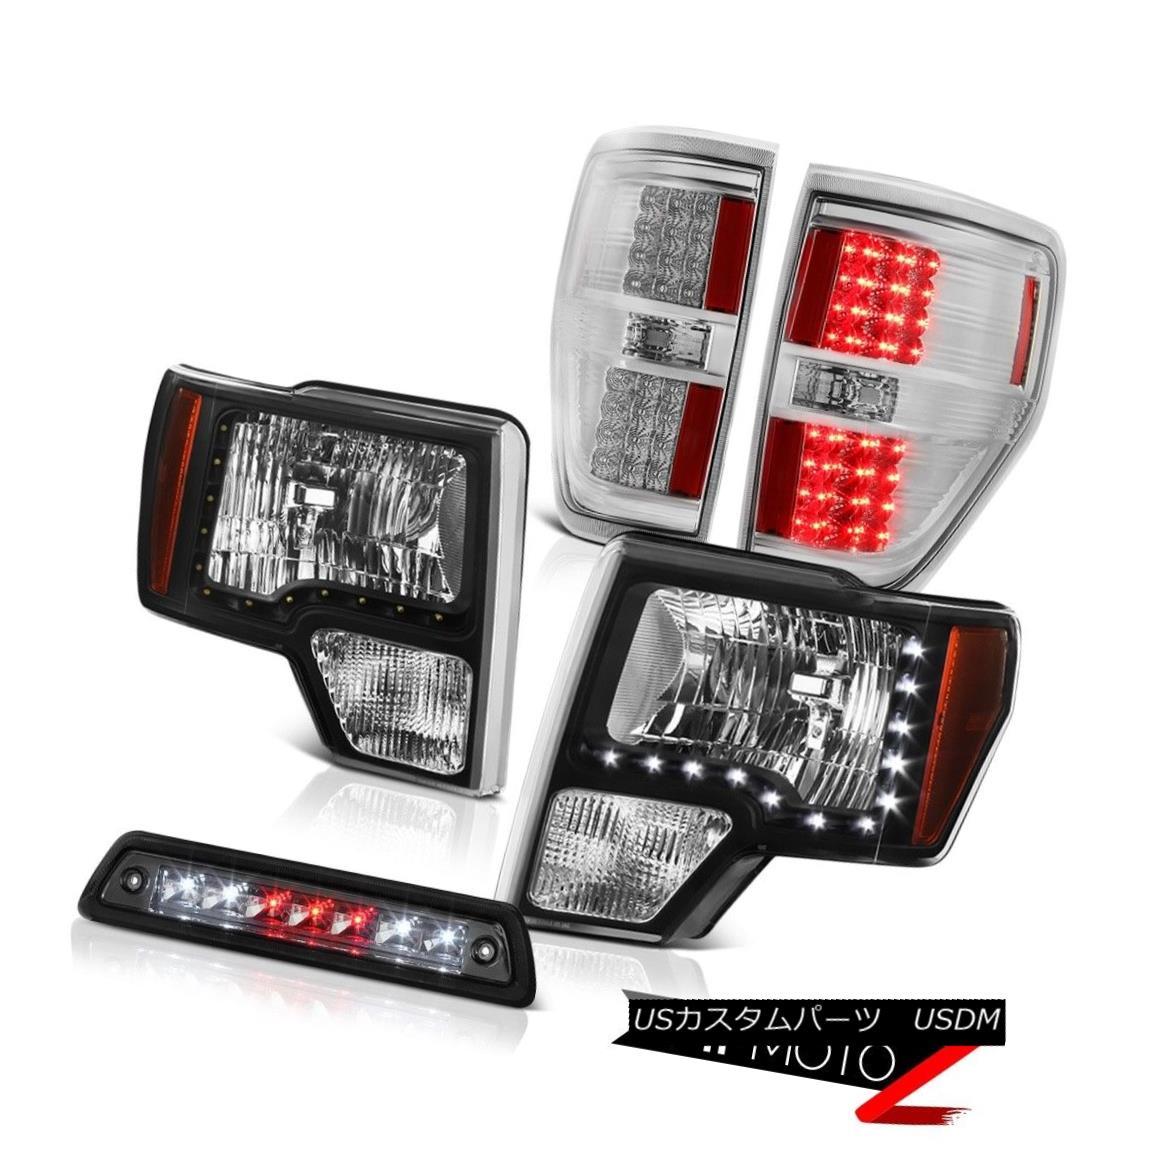 テールライト 09-14 FORD F150 STX Roof cargo lamp taillamps headlights led drl LED Assembly 09-14フォードF150 STXルーフカーゴランプテールランプヘッドライトled drl LEDアセンブリ